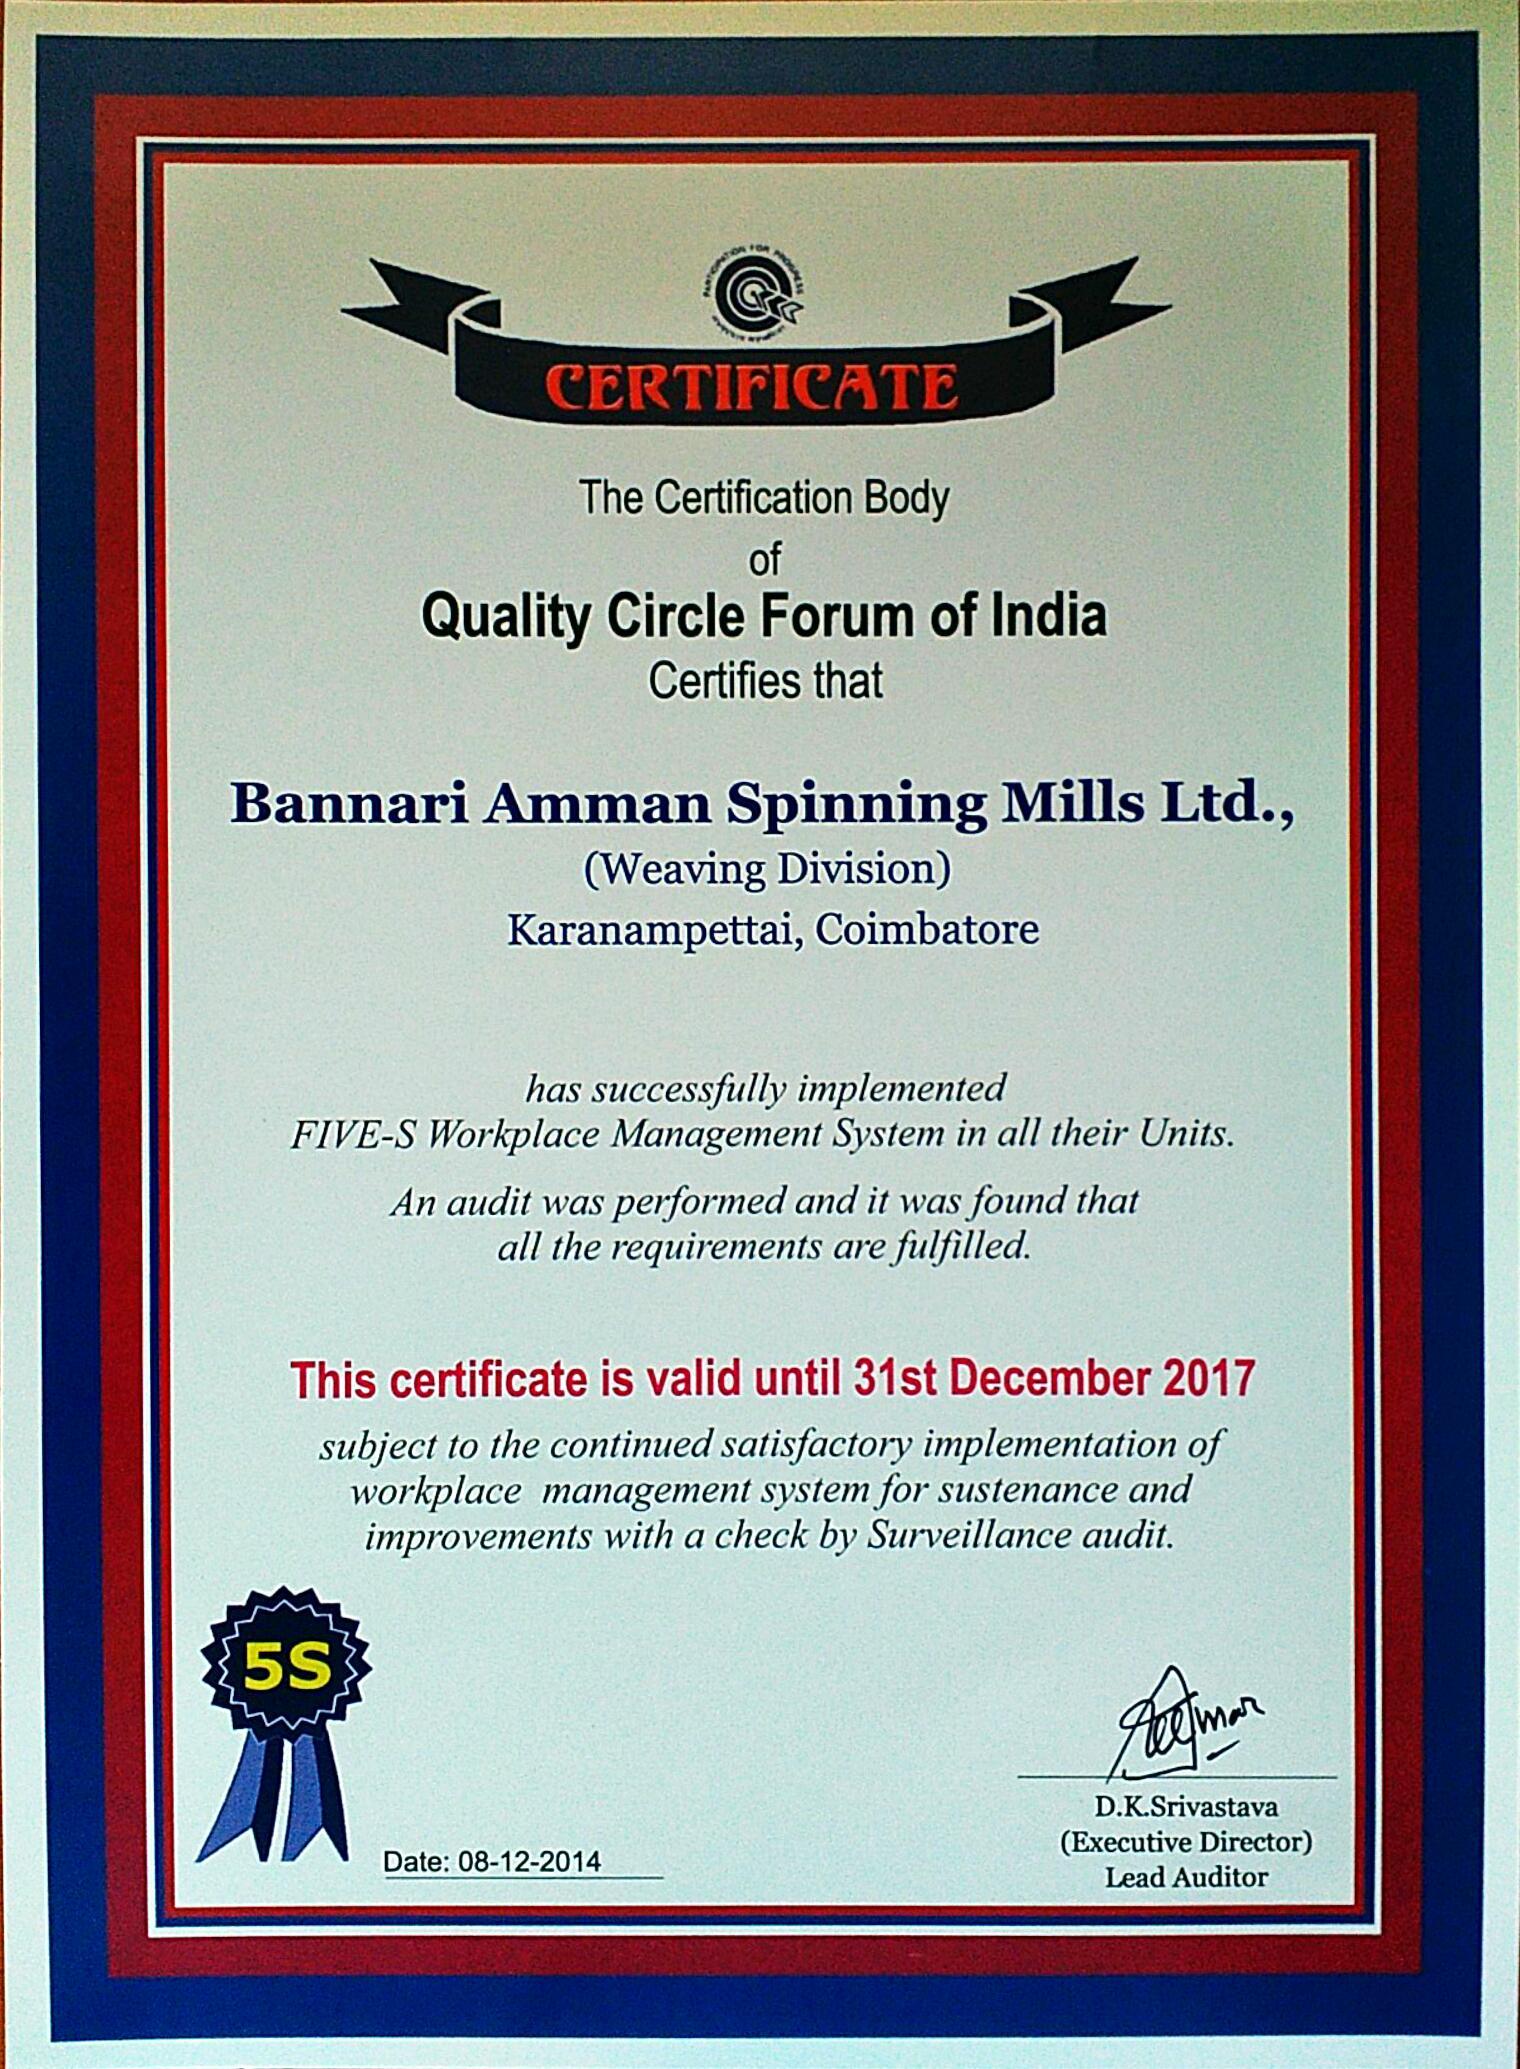 Bannari Amman Spinning Mills Ltd Certifications